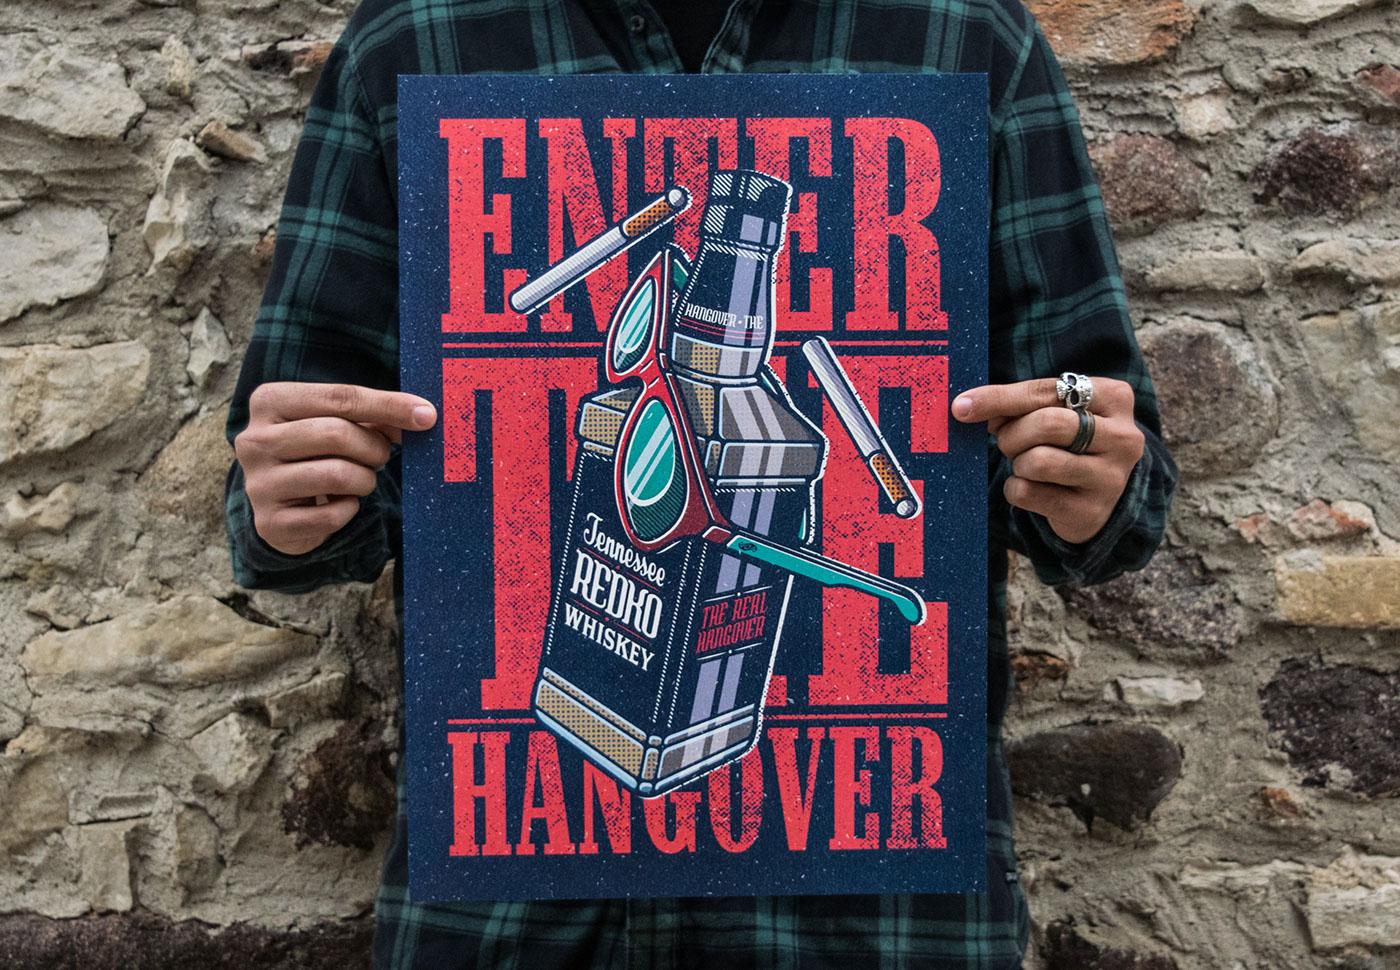 Enter the Hangover